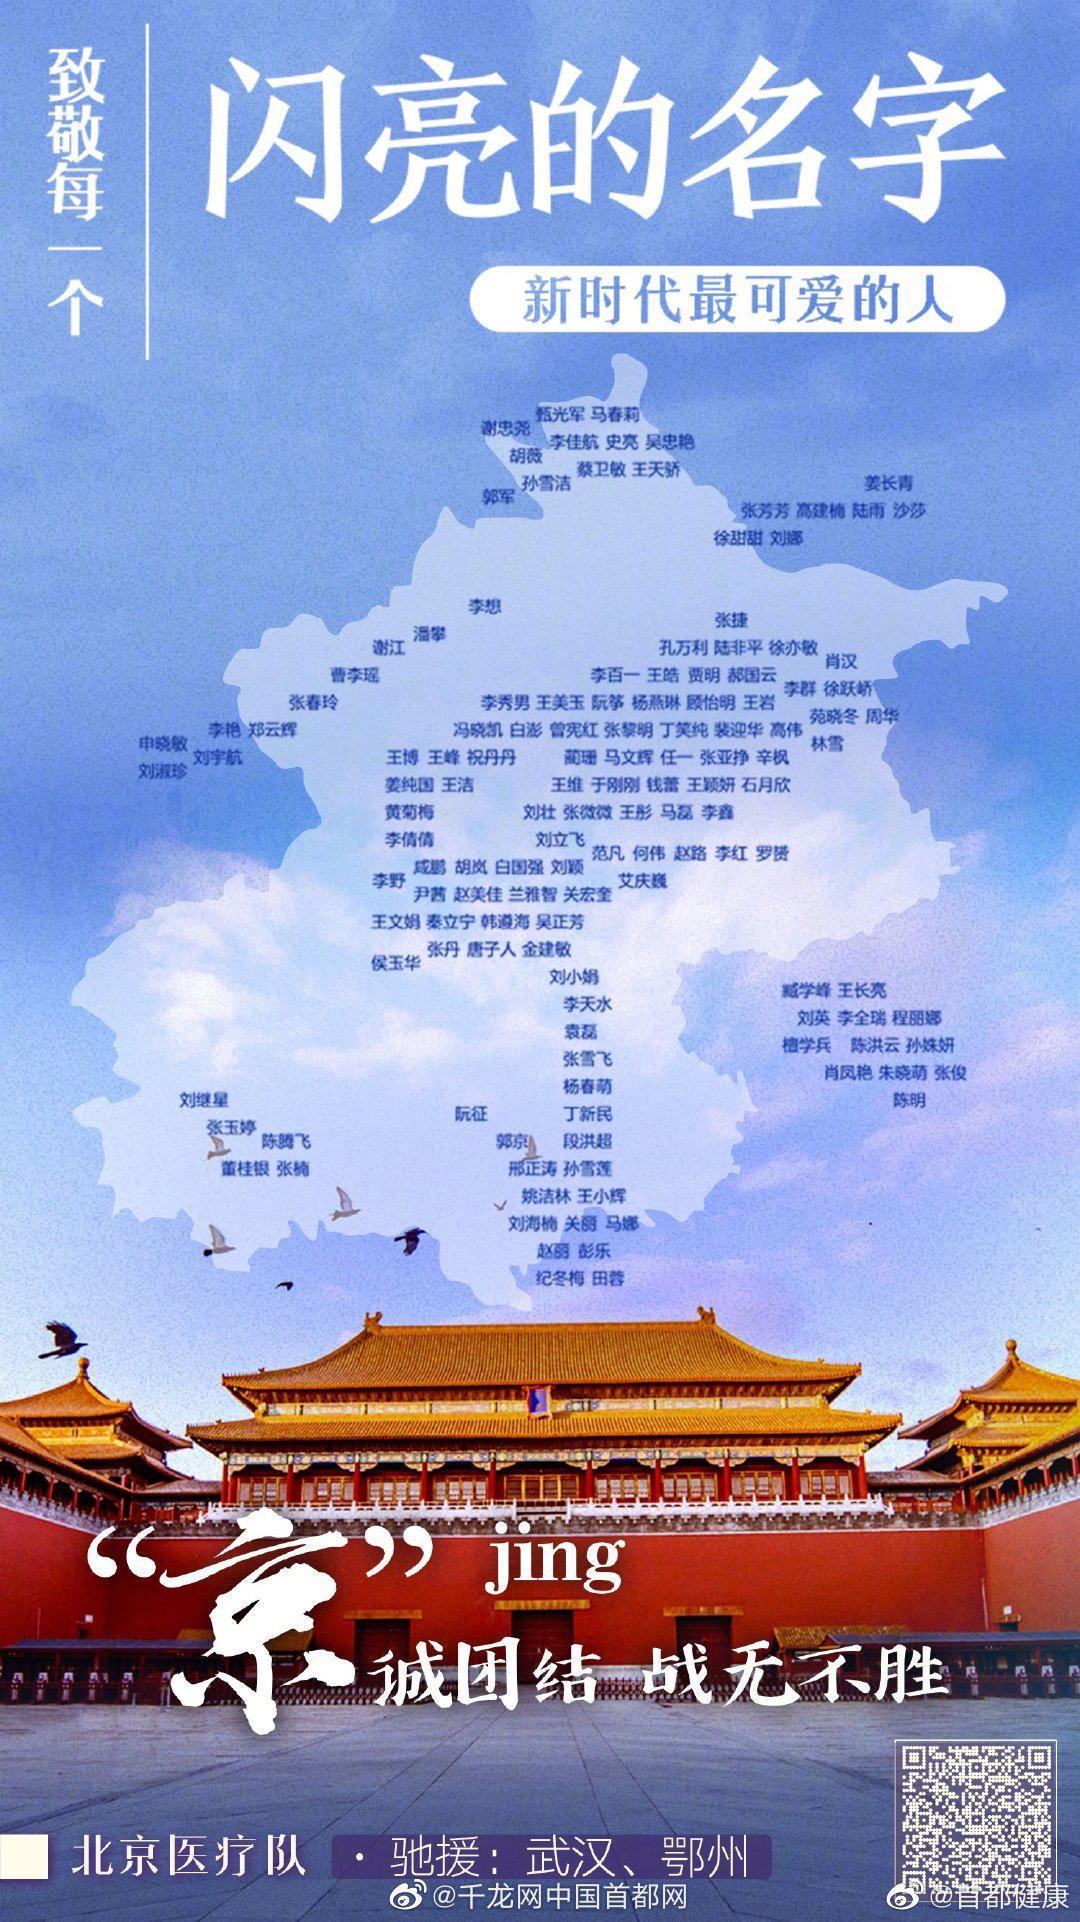 致敬每一个闪亮的名字——援鄂北京医疗队员光荣榜 @首都健康